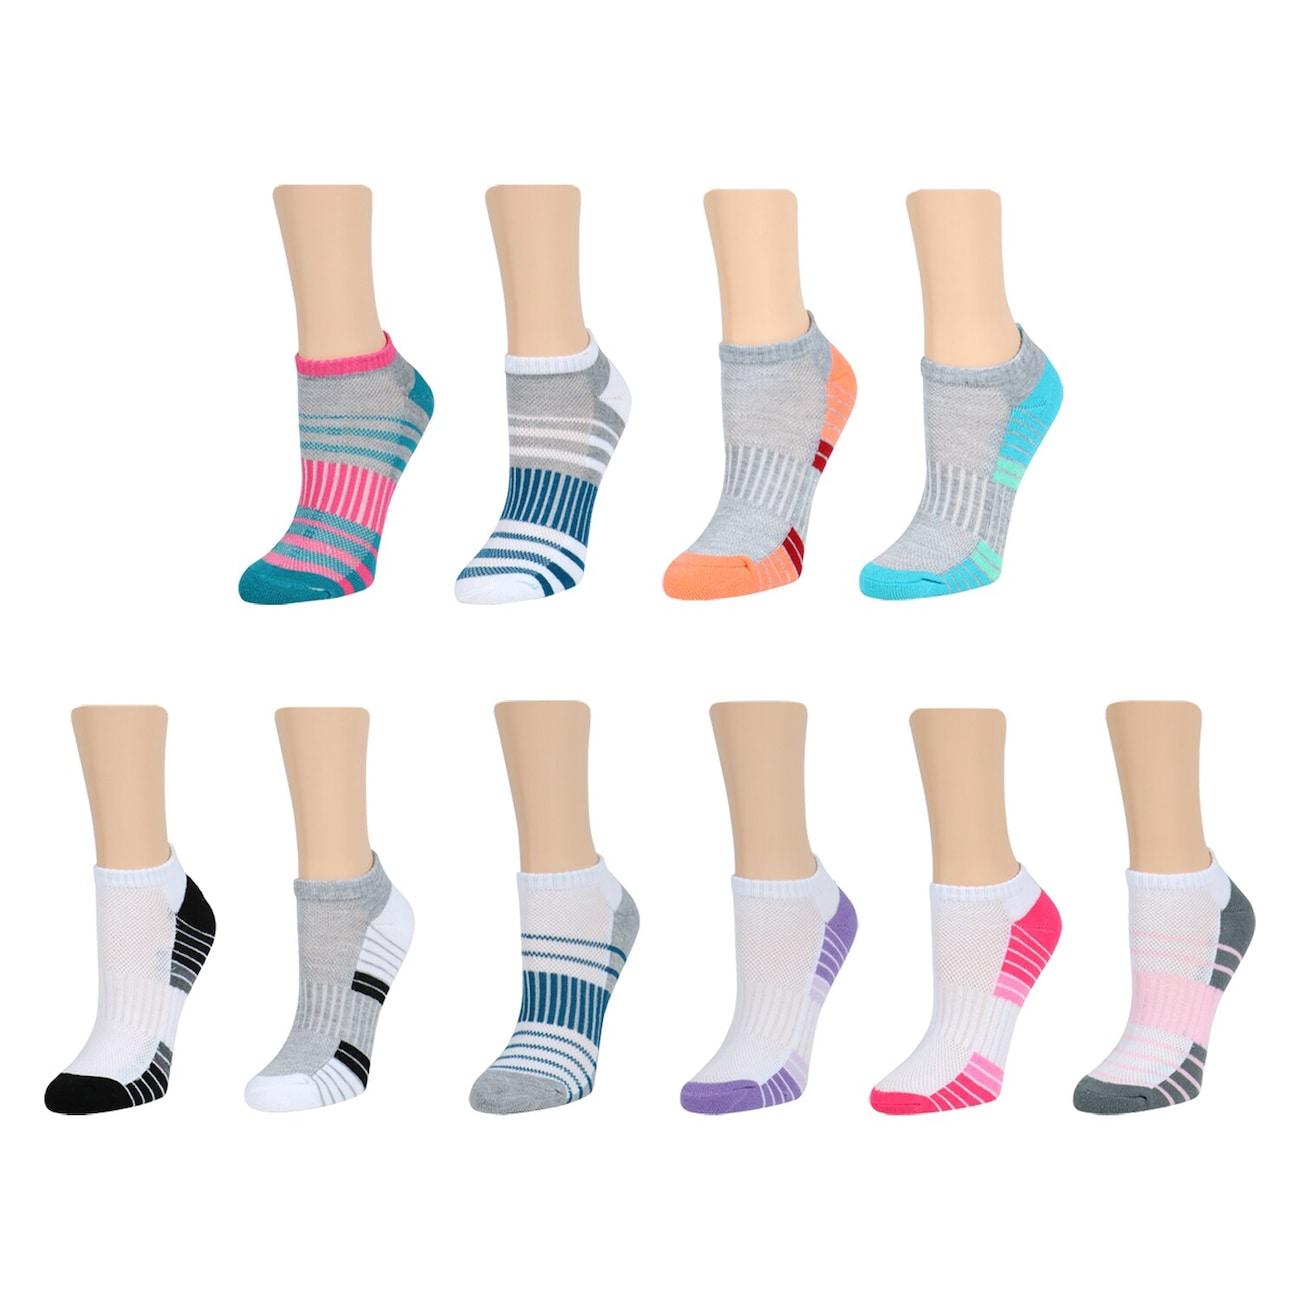 8df1678bd2d3d Ladies Size 6-11 Colorful No-Show Sport Socks, 2-ct.